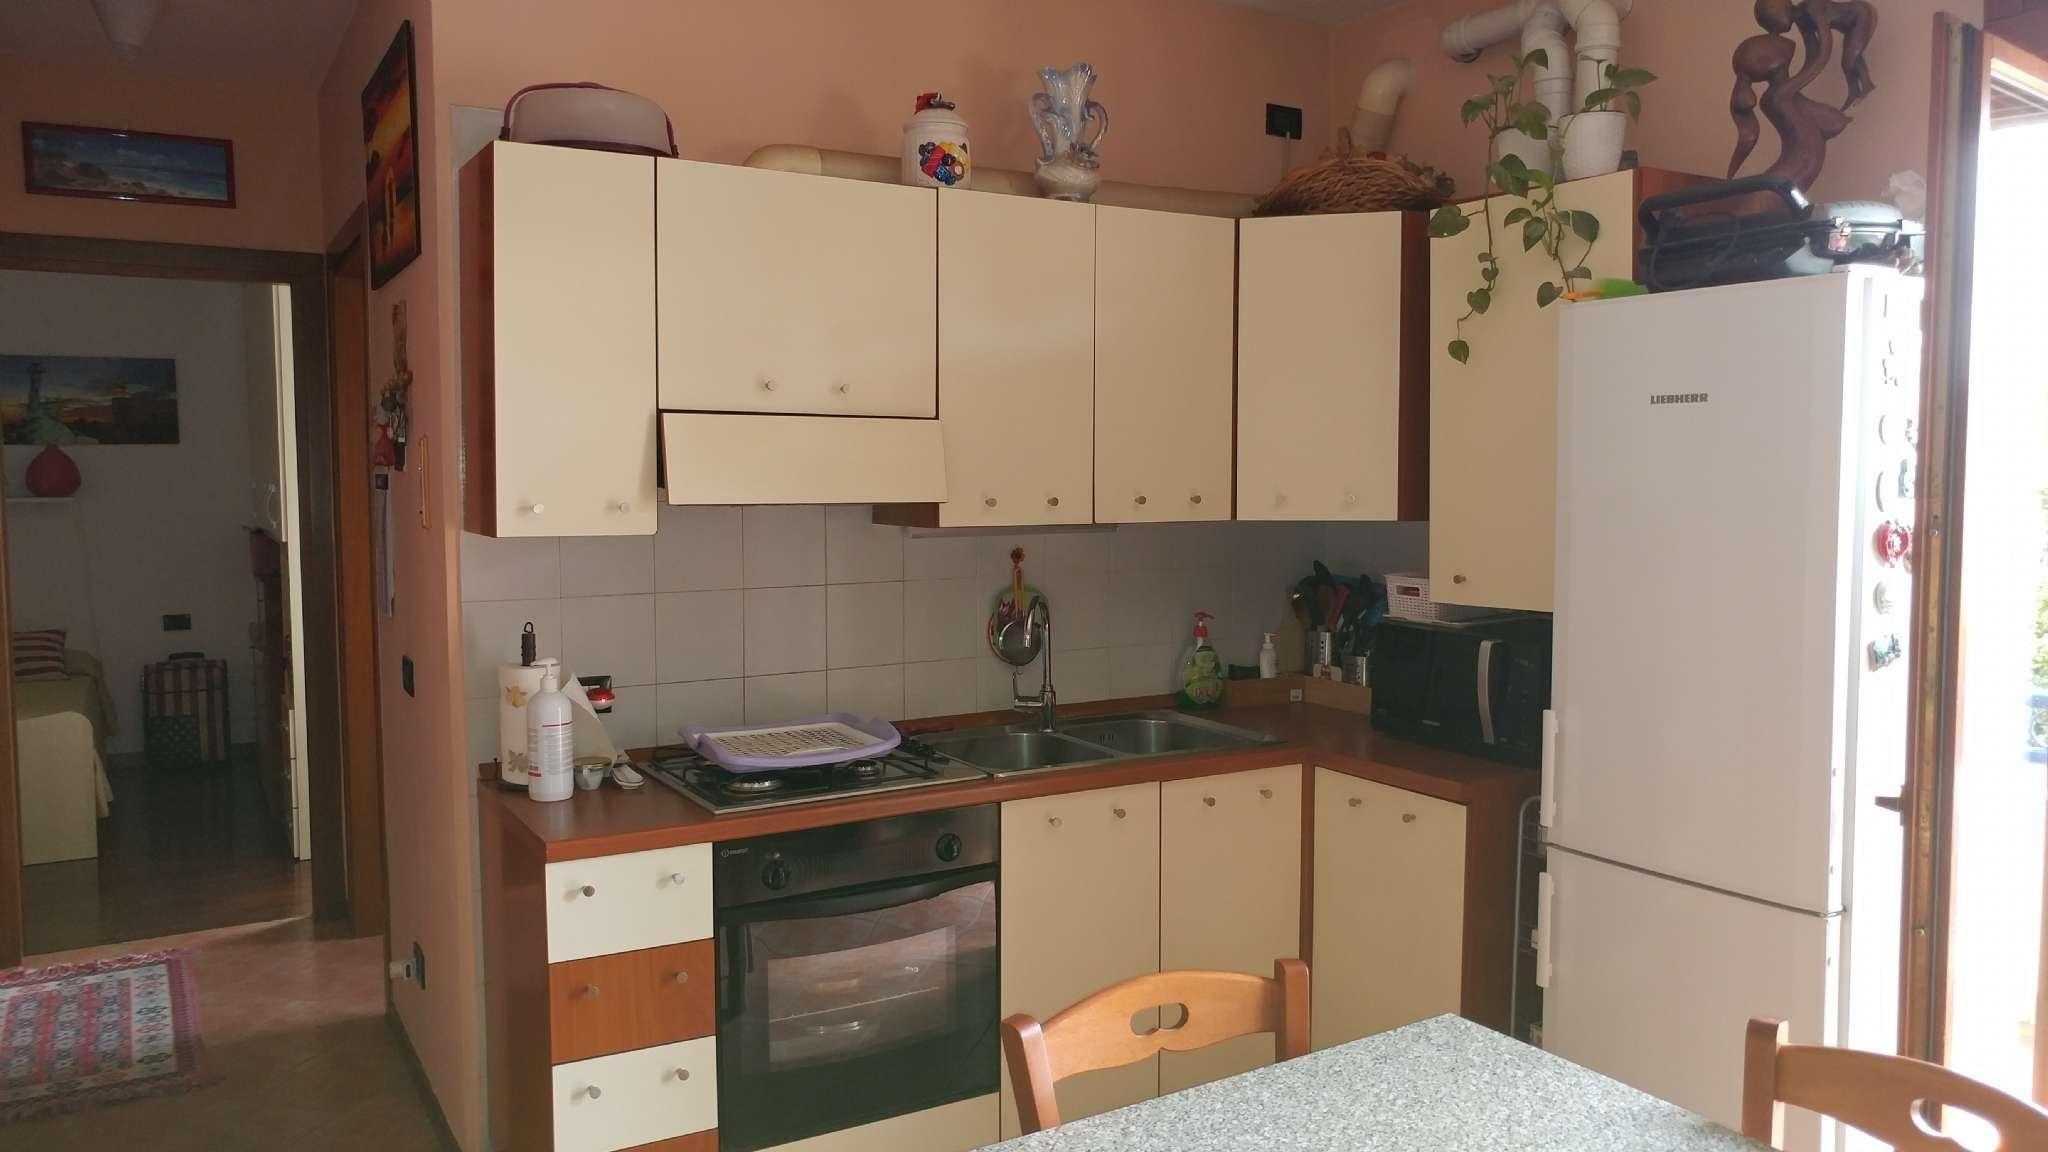 Appartamento in vendita a Morgano, 3 locali, prezzo € 67.000 | PortaleAgenzieImmobiliari.it